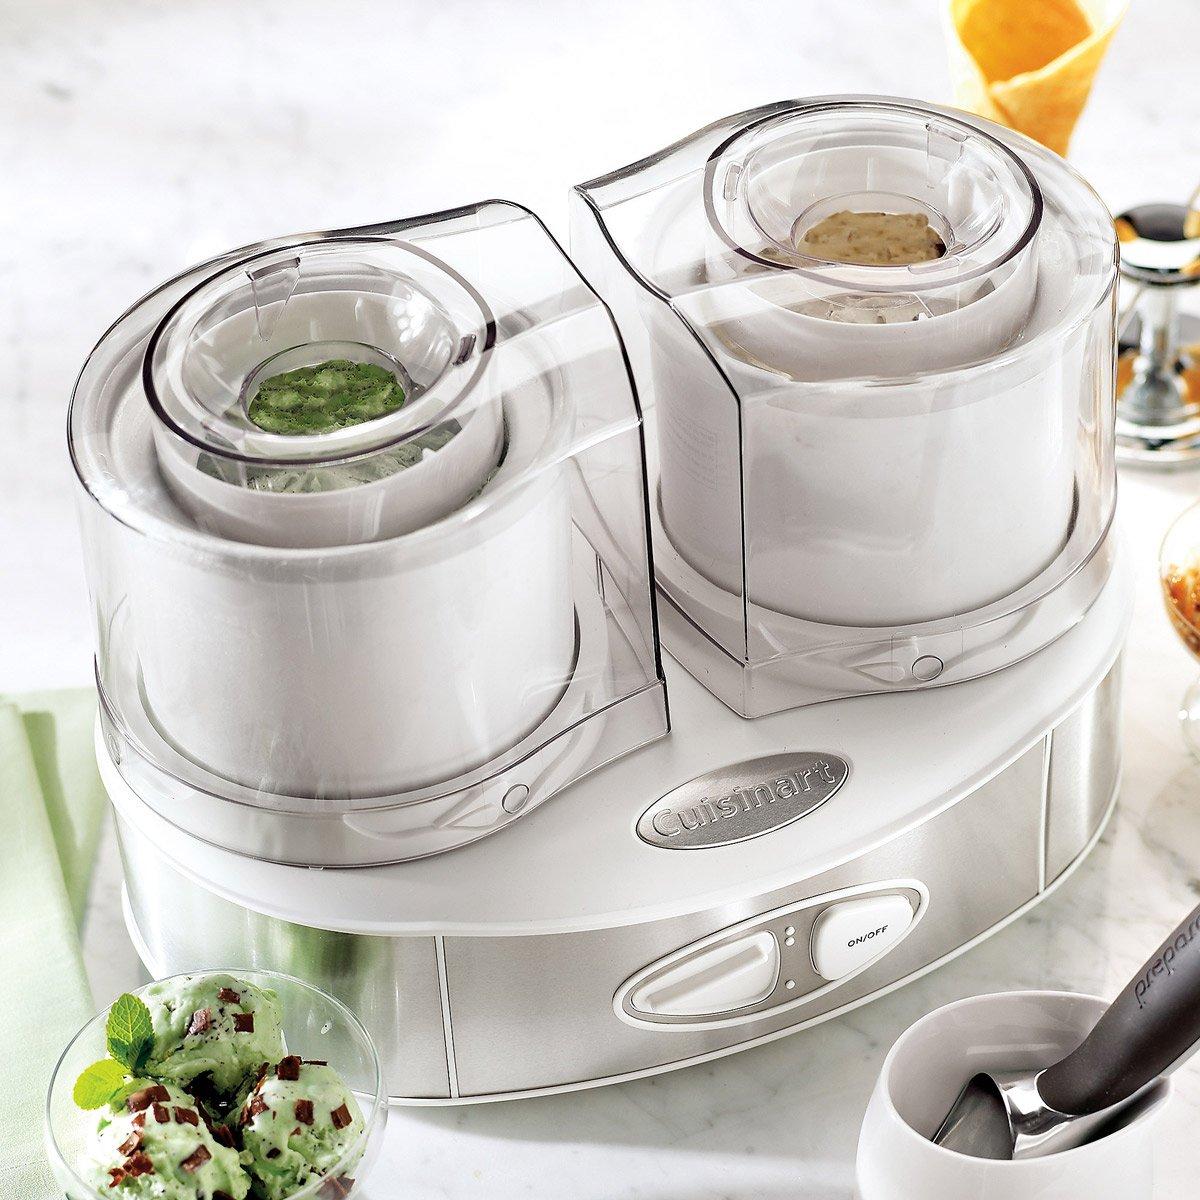 how to make frozen yogurt with ice cream maker